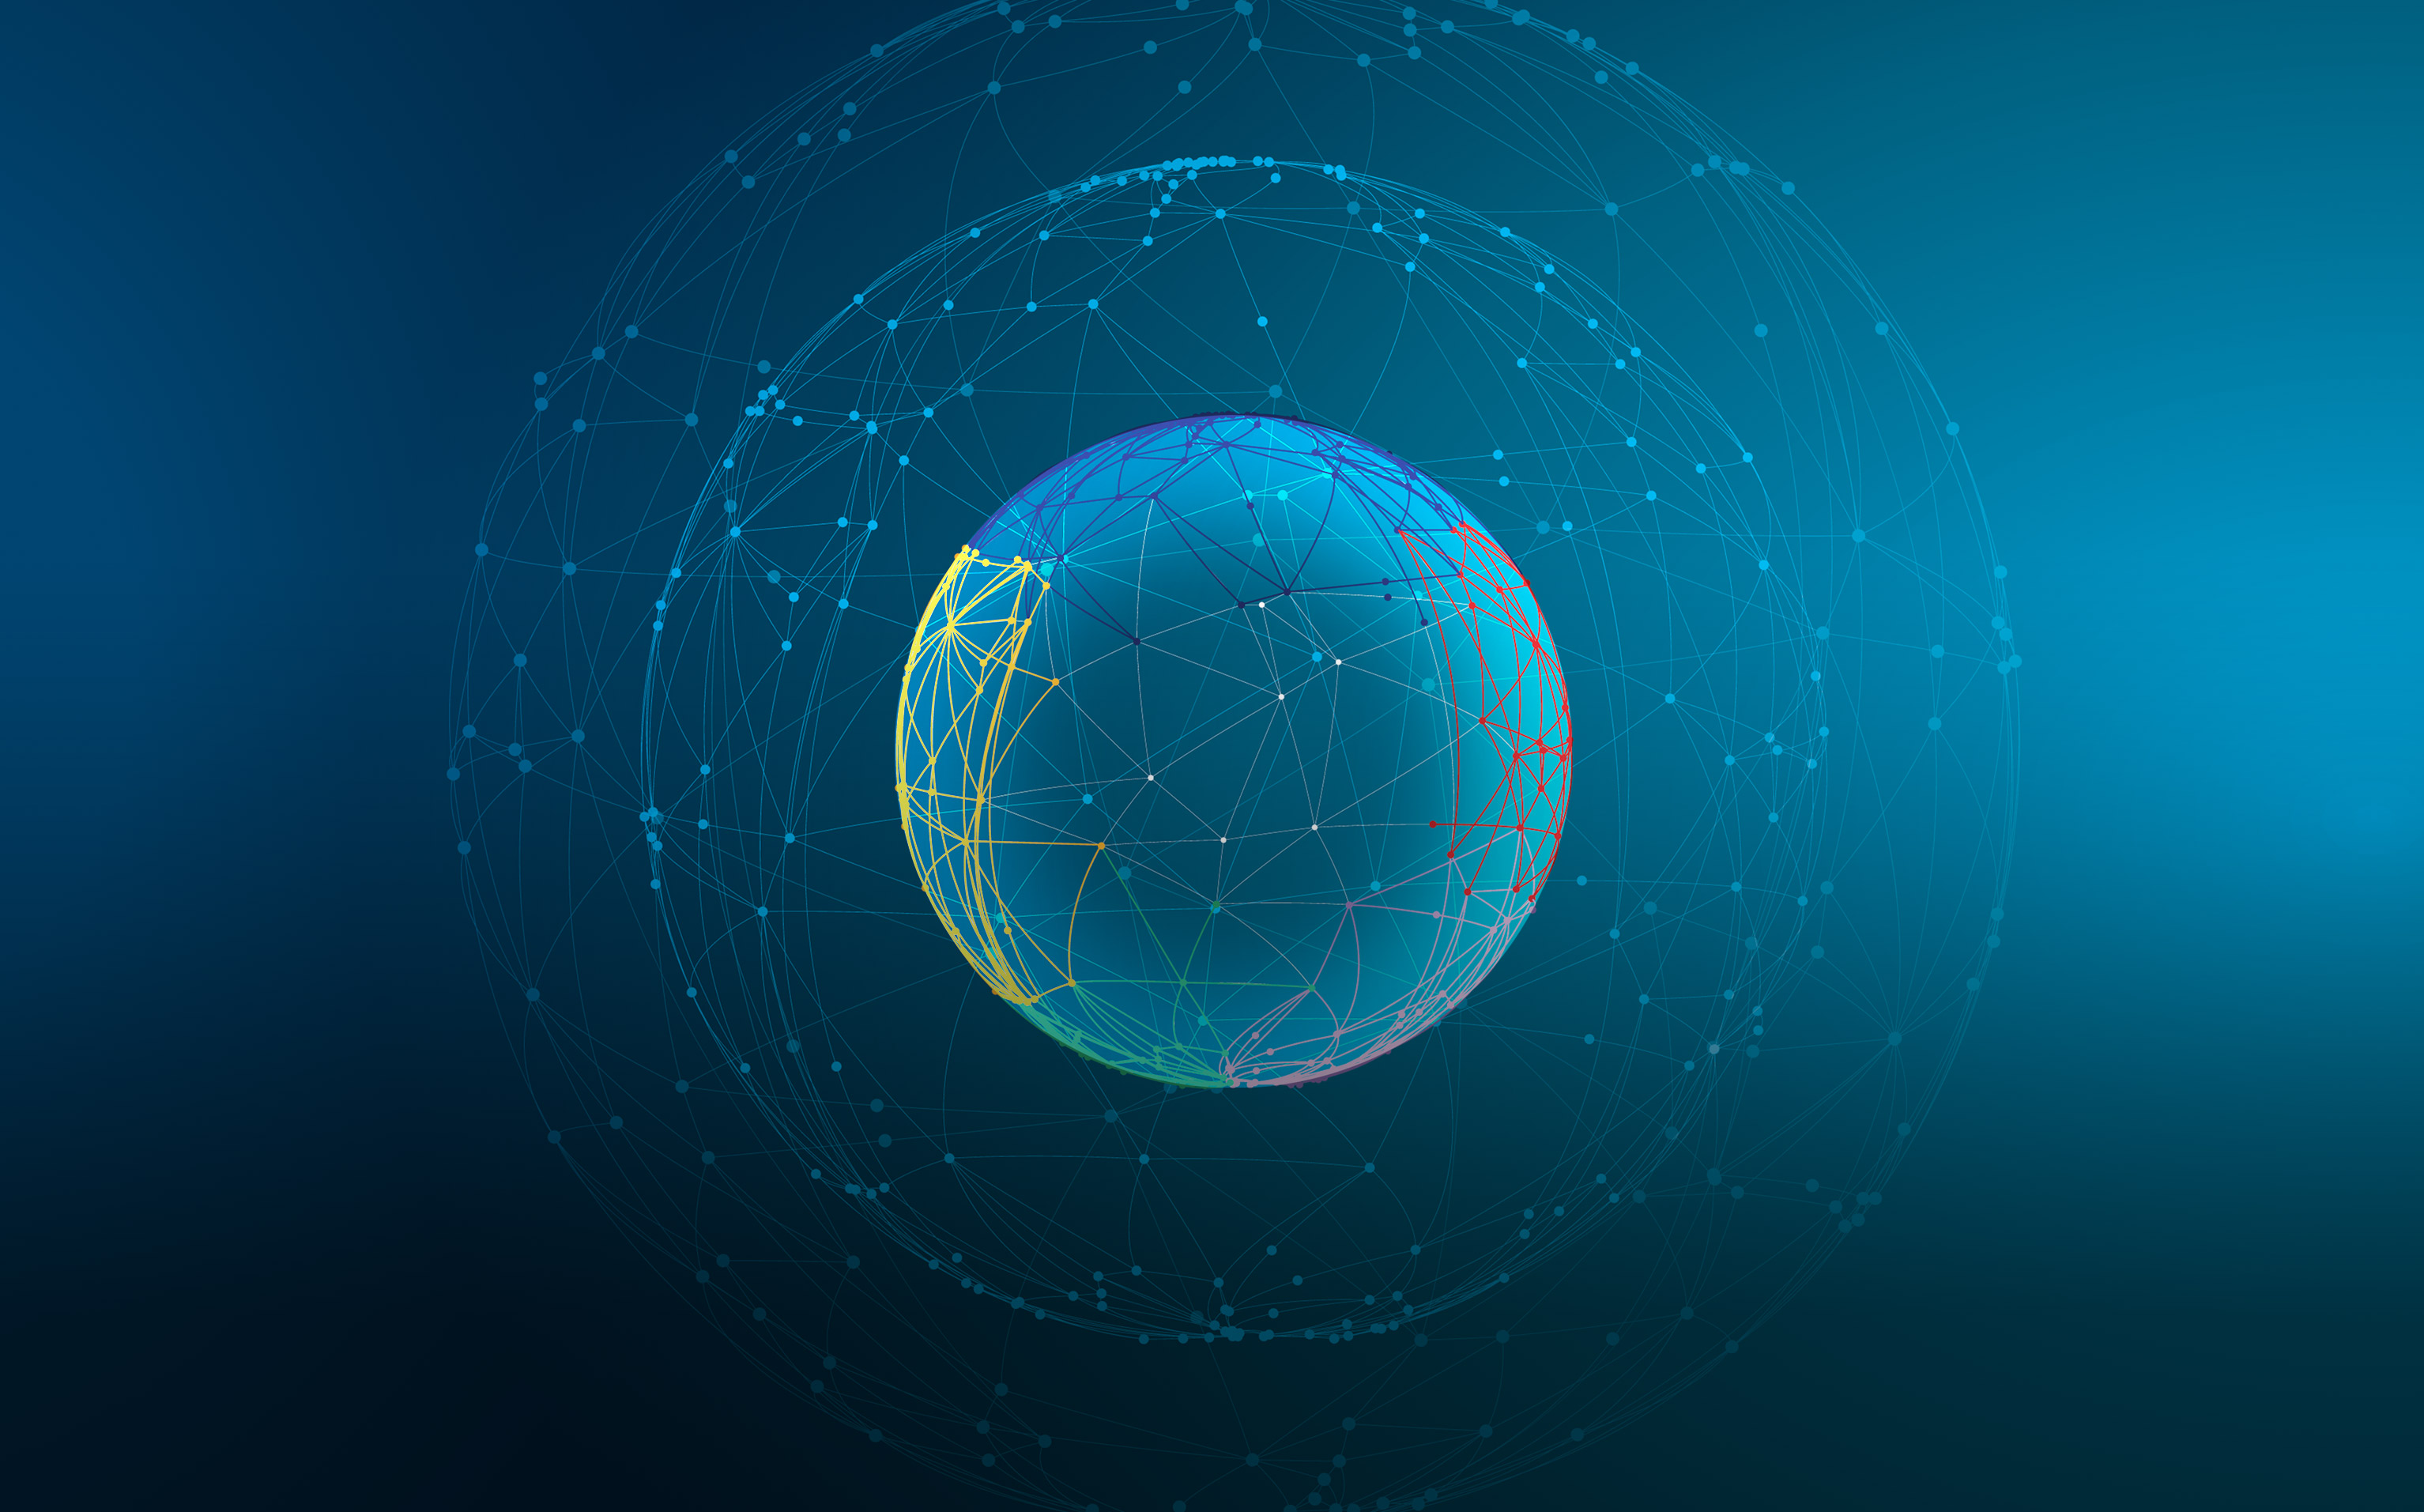 Contribuiamo allo sviluppo del business dei nostri interlocutori attraverso l'utilizzo della tecnologia